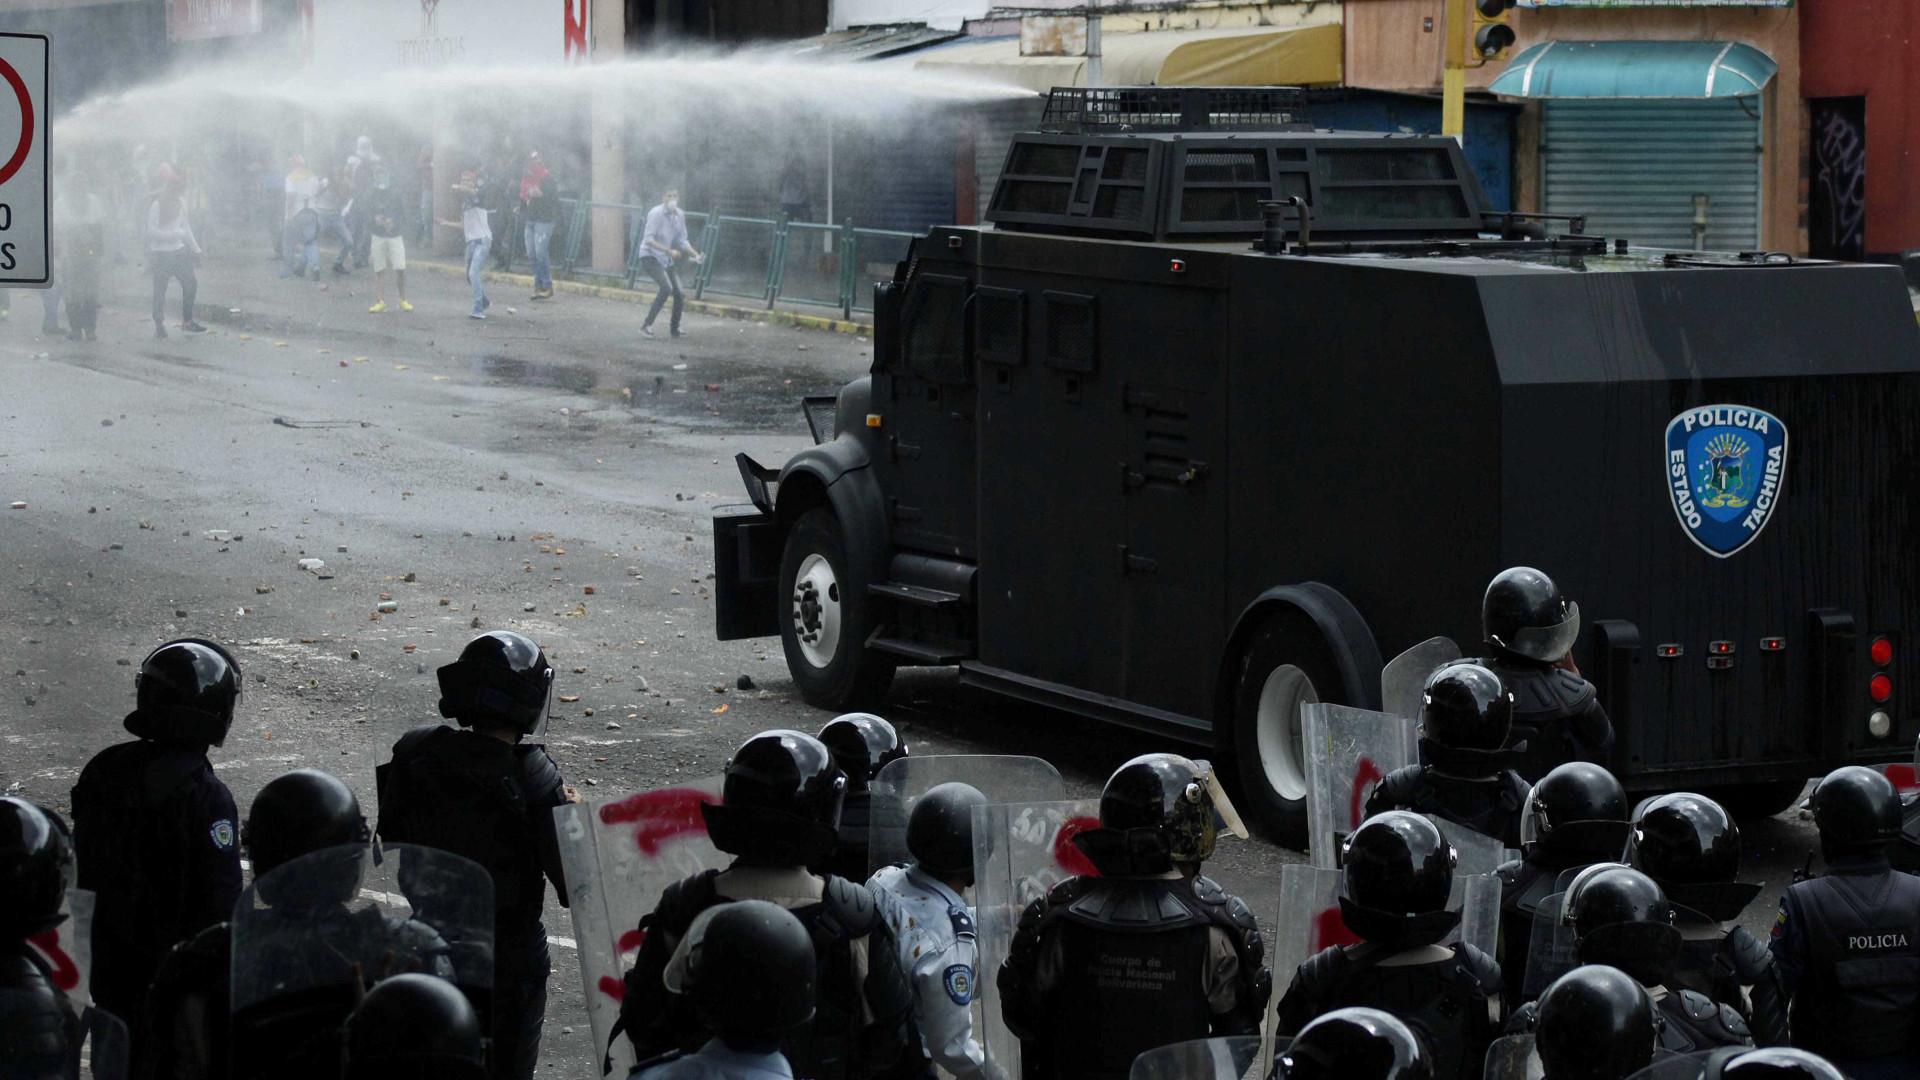 Preocupada com situação na Venezuela, UE pede um travão para a violência